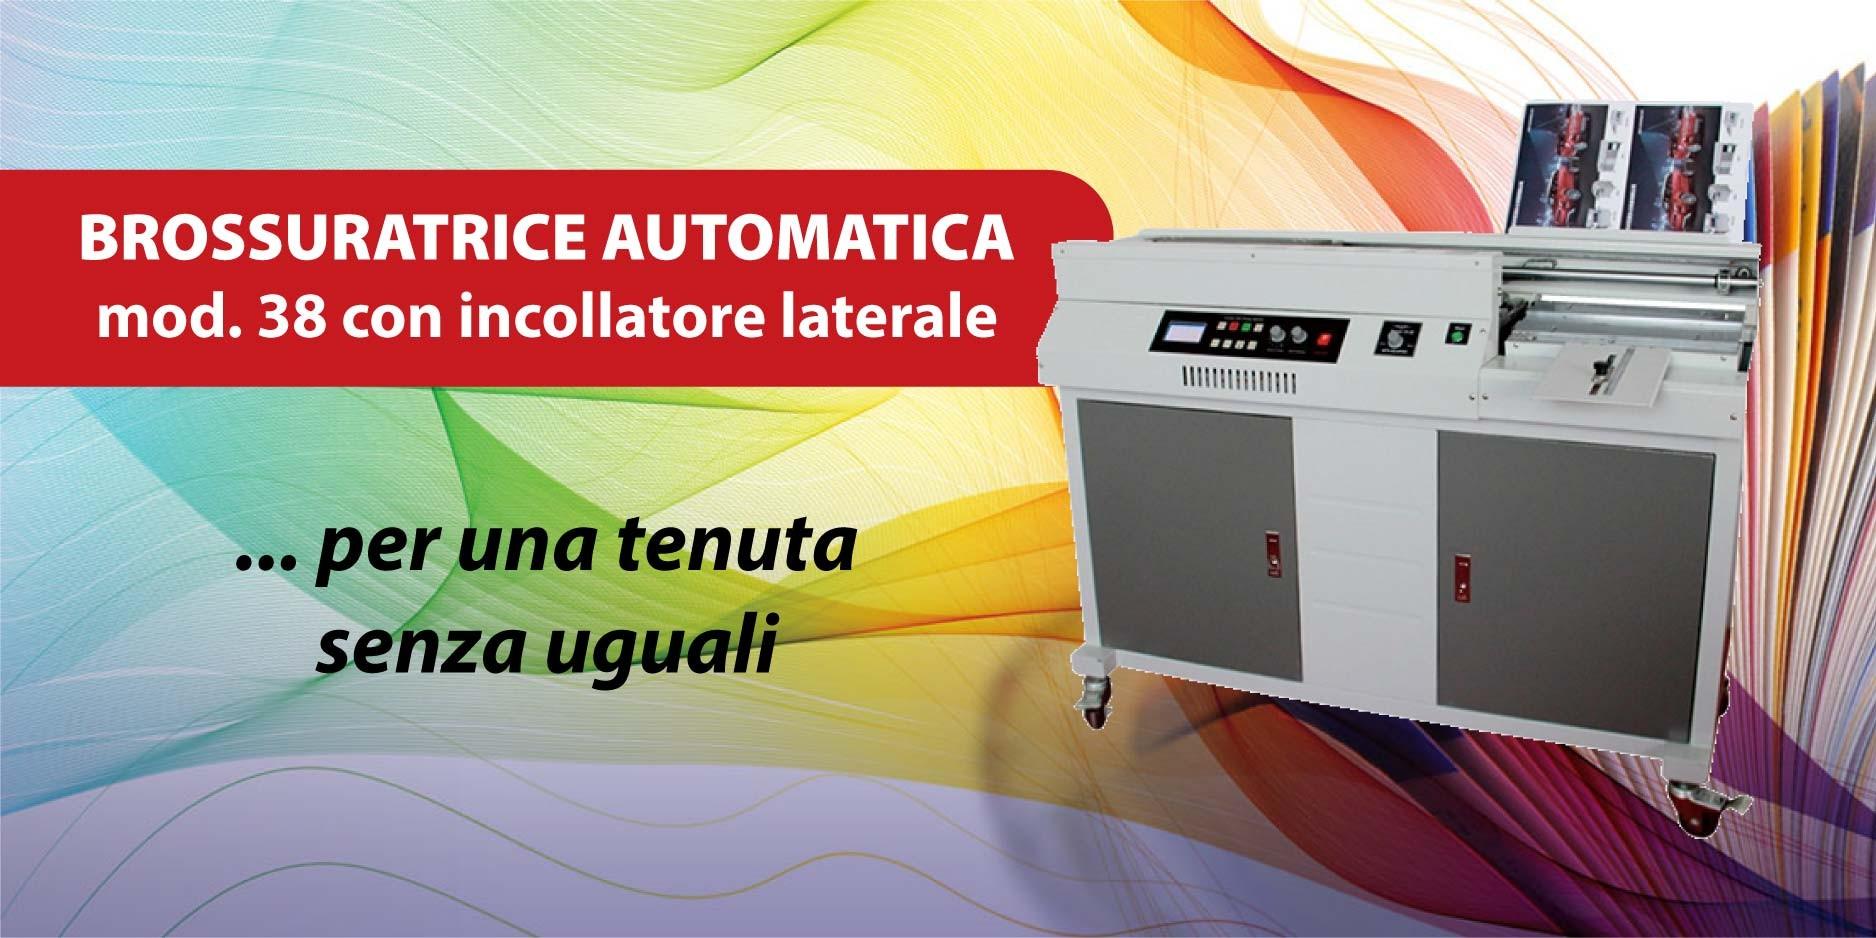 Brossuratrice automatica con incollatore laterale